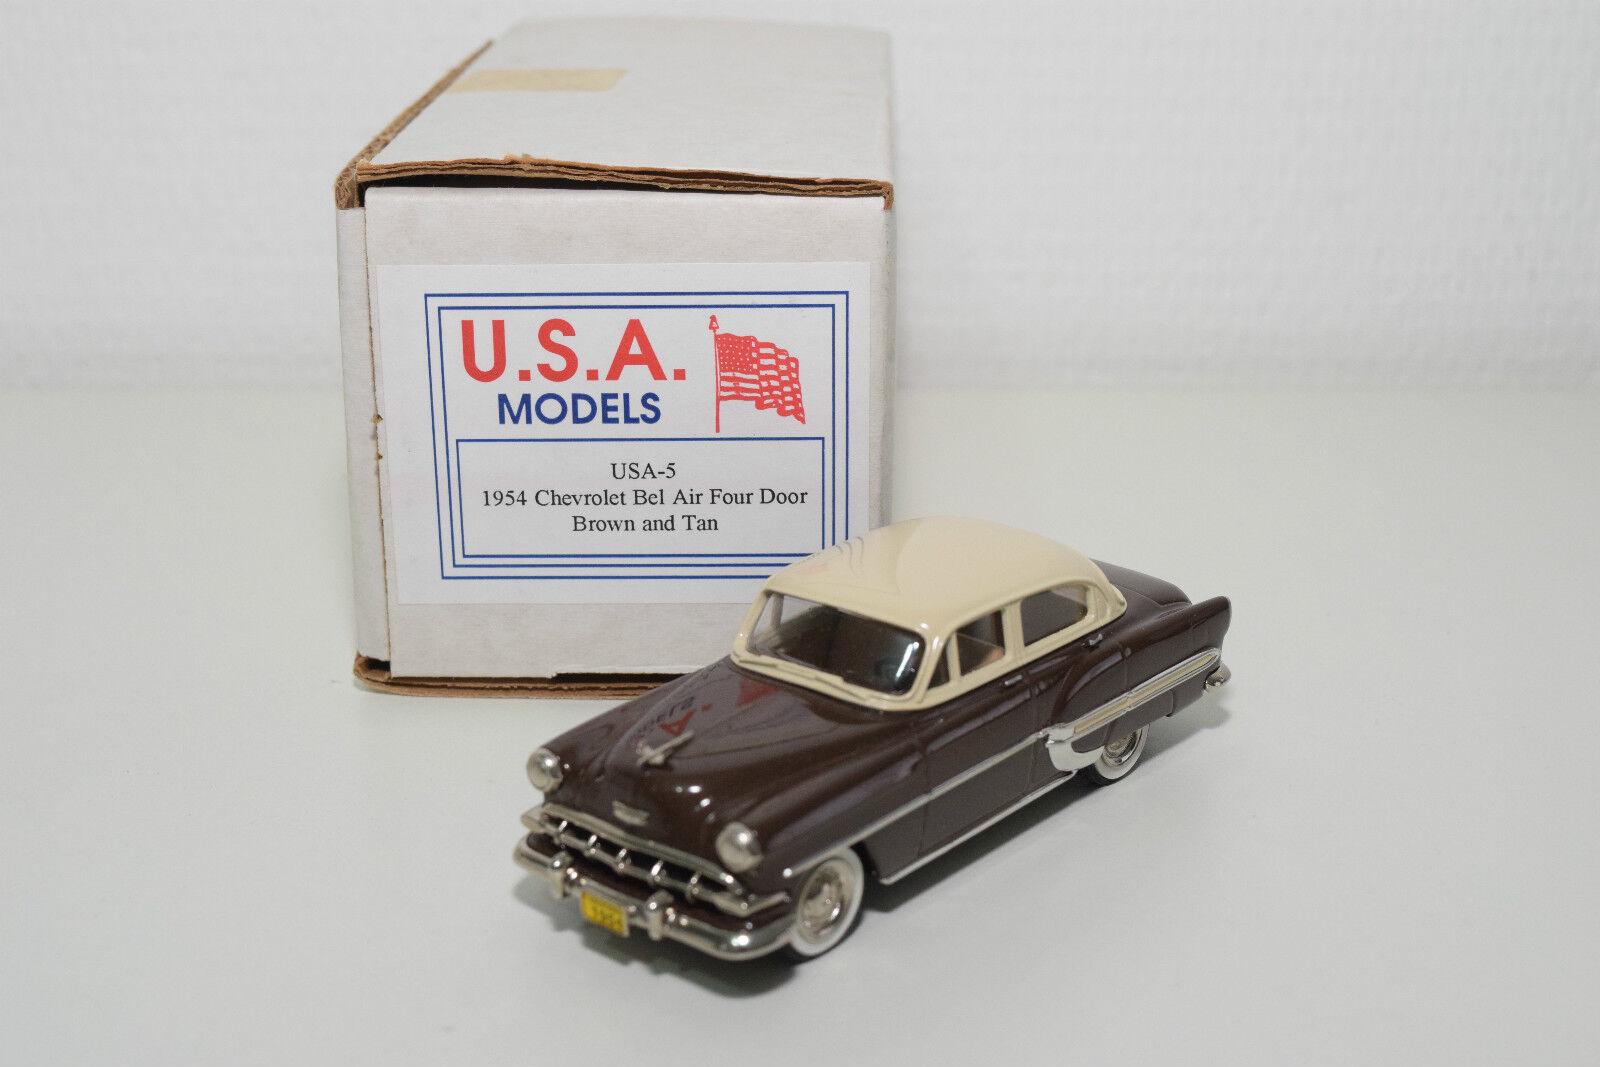 . U.S.A. MODELS MOTOR CITY USA-5 CHEVROLET BEL AIR FOUR DOOR 1954 MINT BOXED